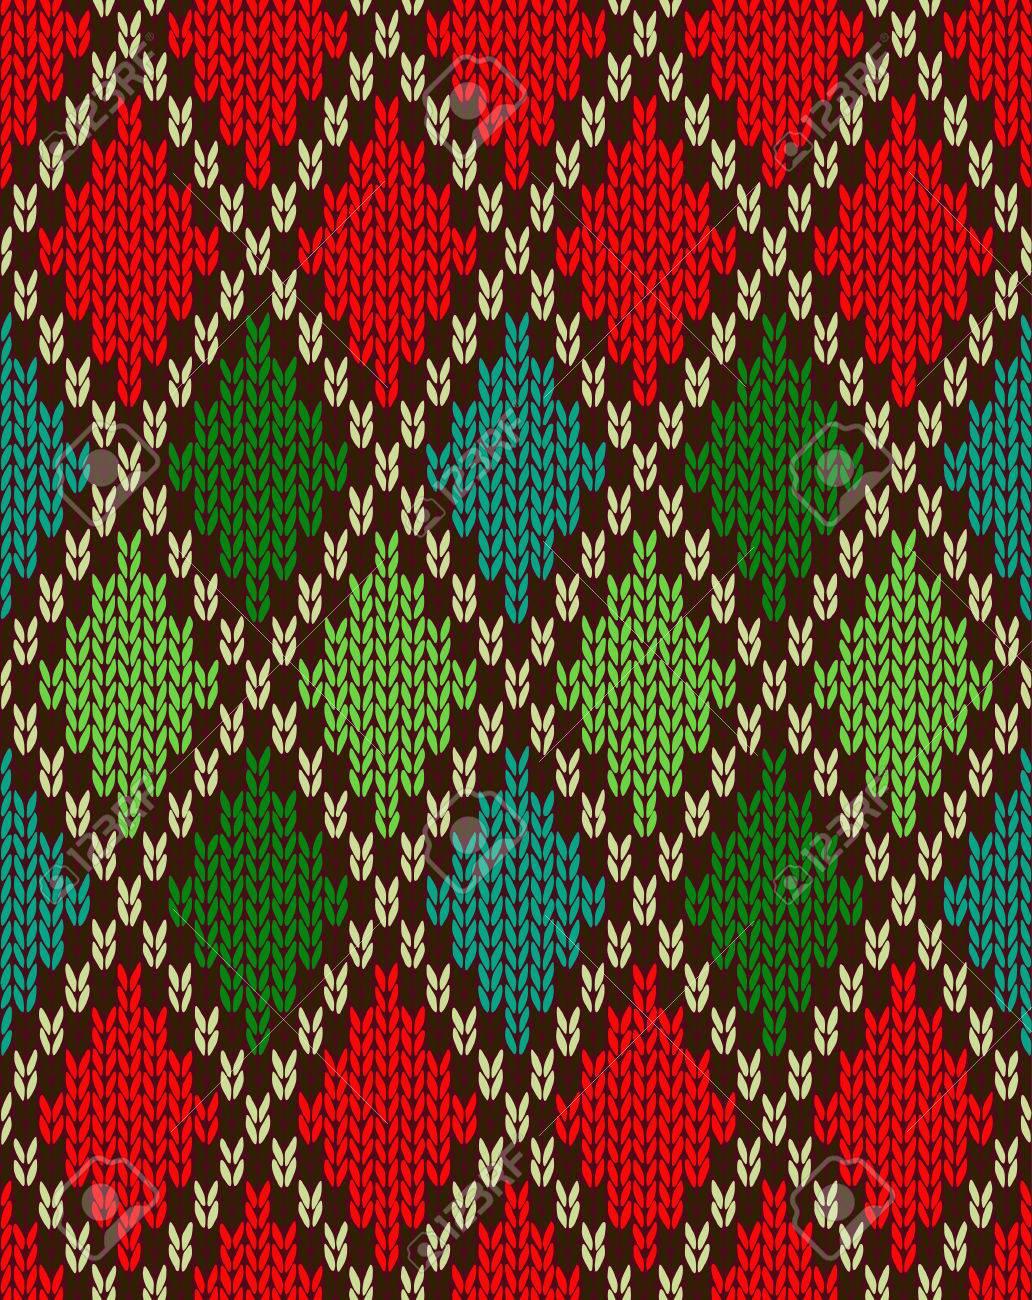 nahtlose weihnachten muster gestrickt artknit wolle jacquard ornament textur stoff farbe mawerk hintergrund standard bild - Jacquard Muster